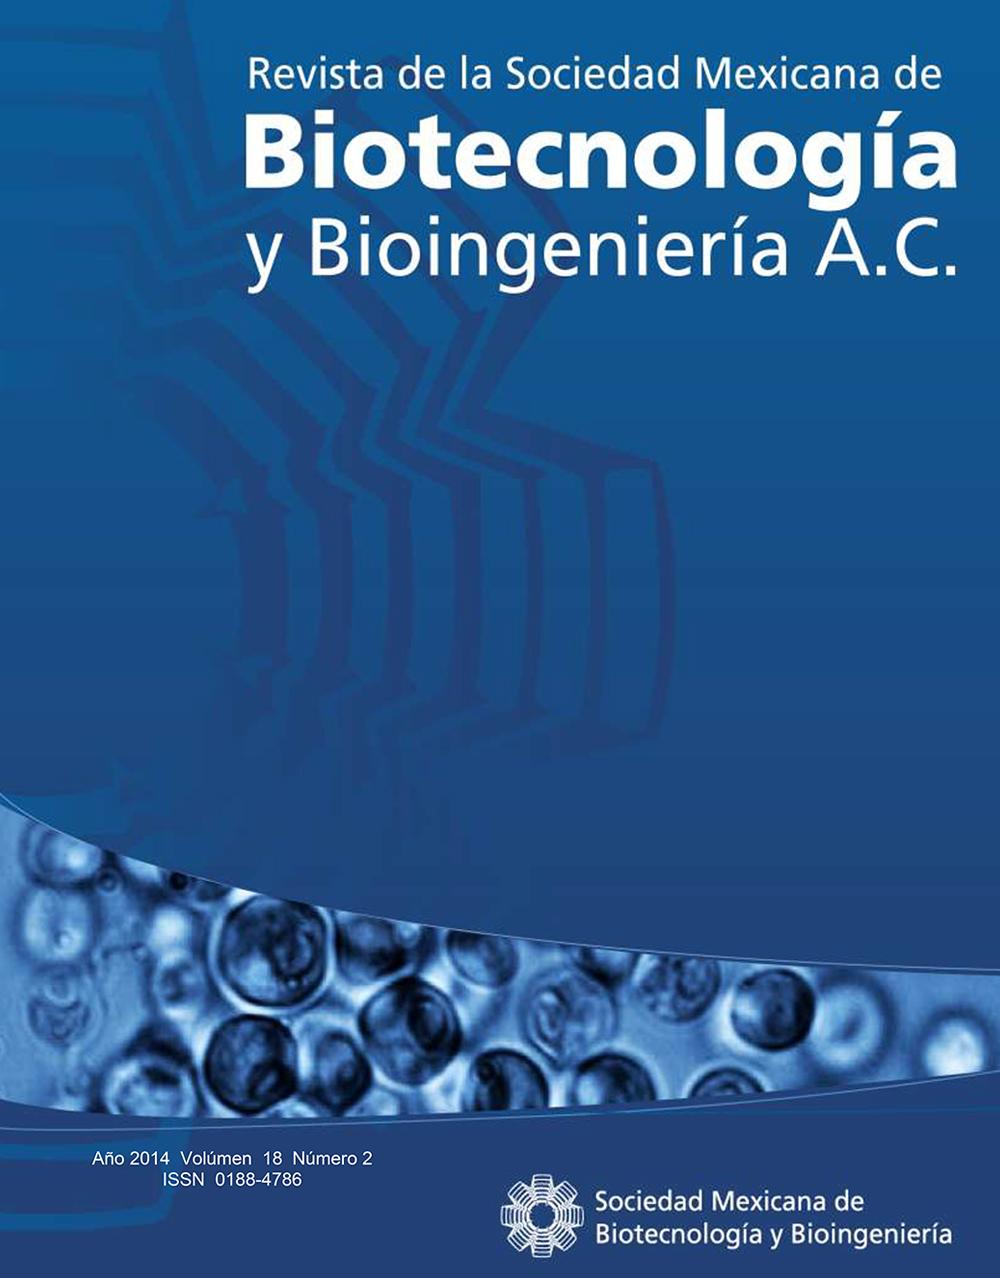 REVISTA BIOTECNOLOGÍA 2014 Vol. 18 Nº2